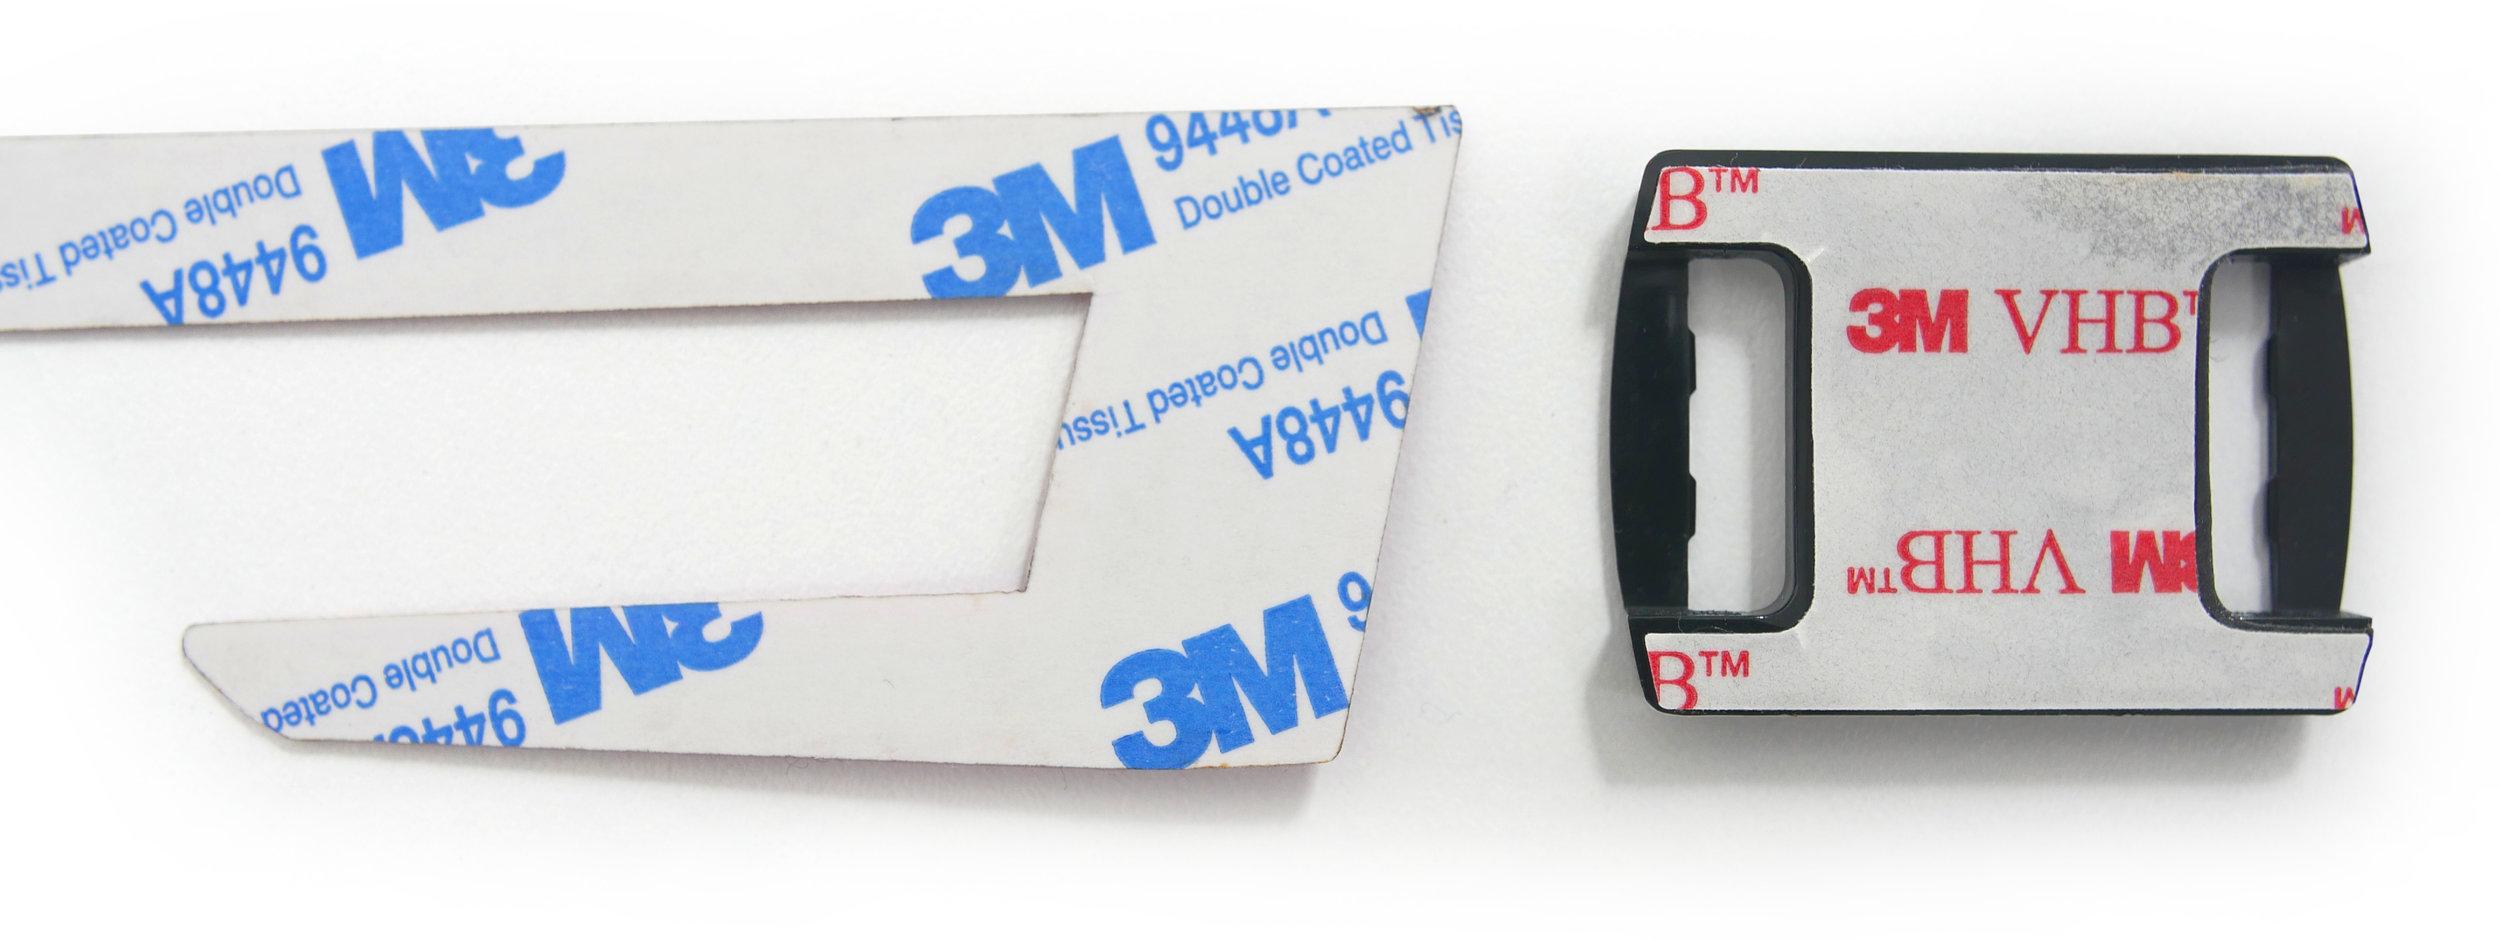 3M_Adhesives2.jpg